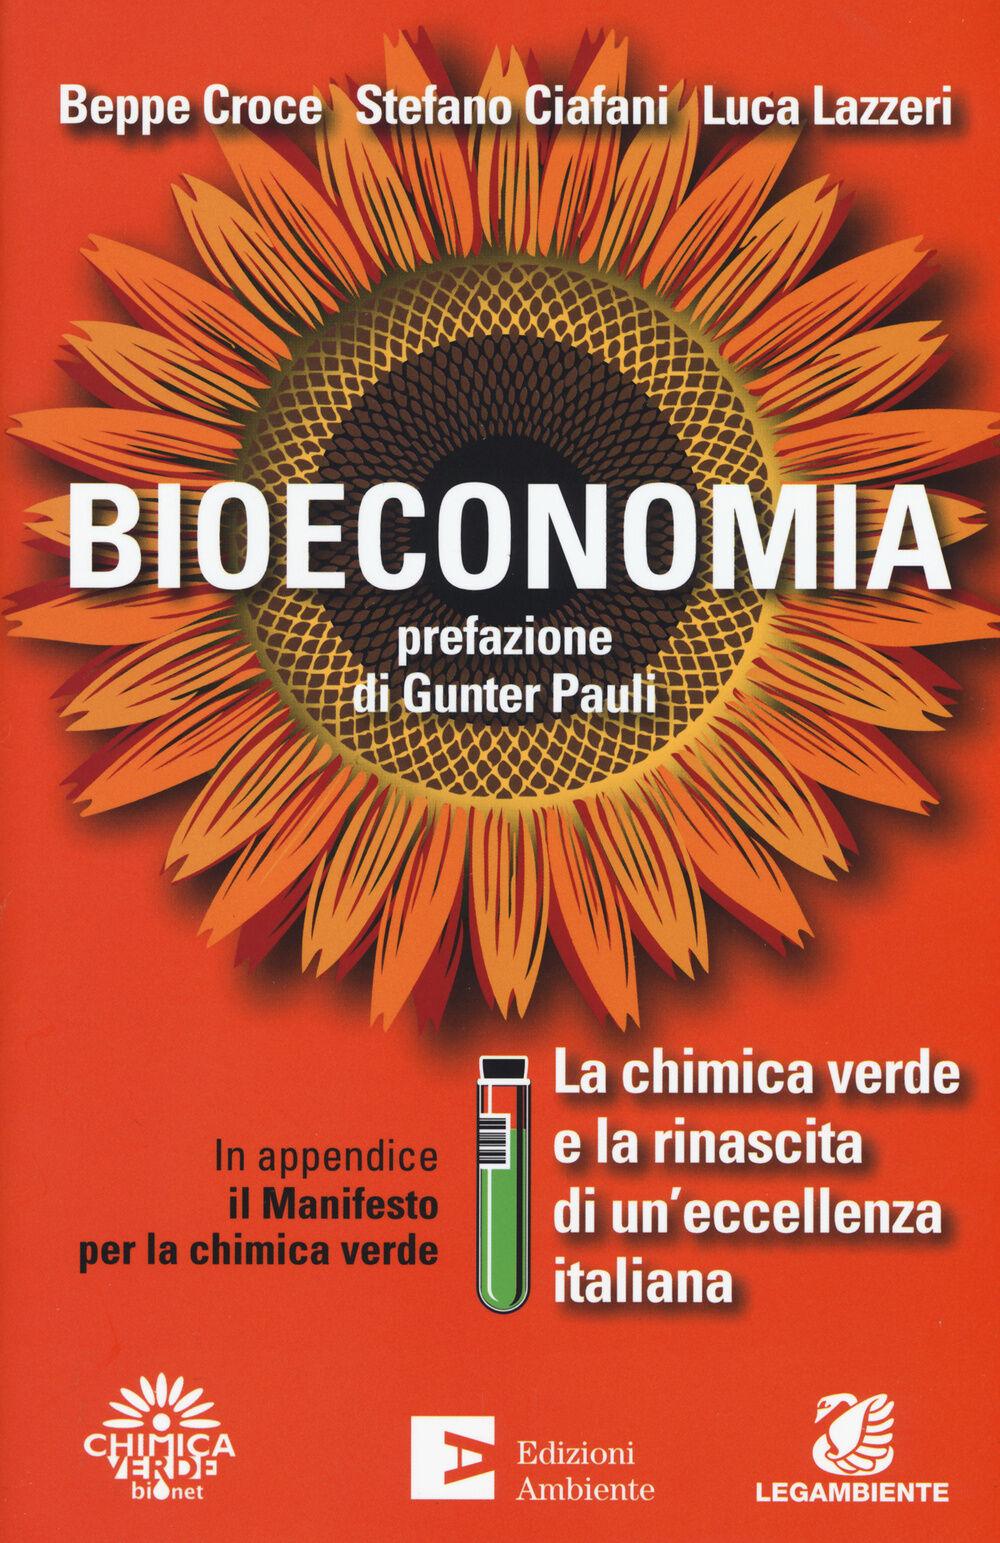 Bioeconomia. La chimica verde e la rinascita di un'eccellenza italiana